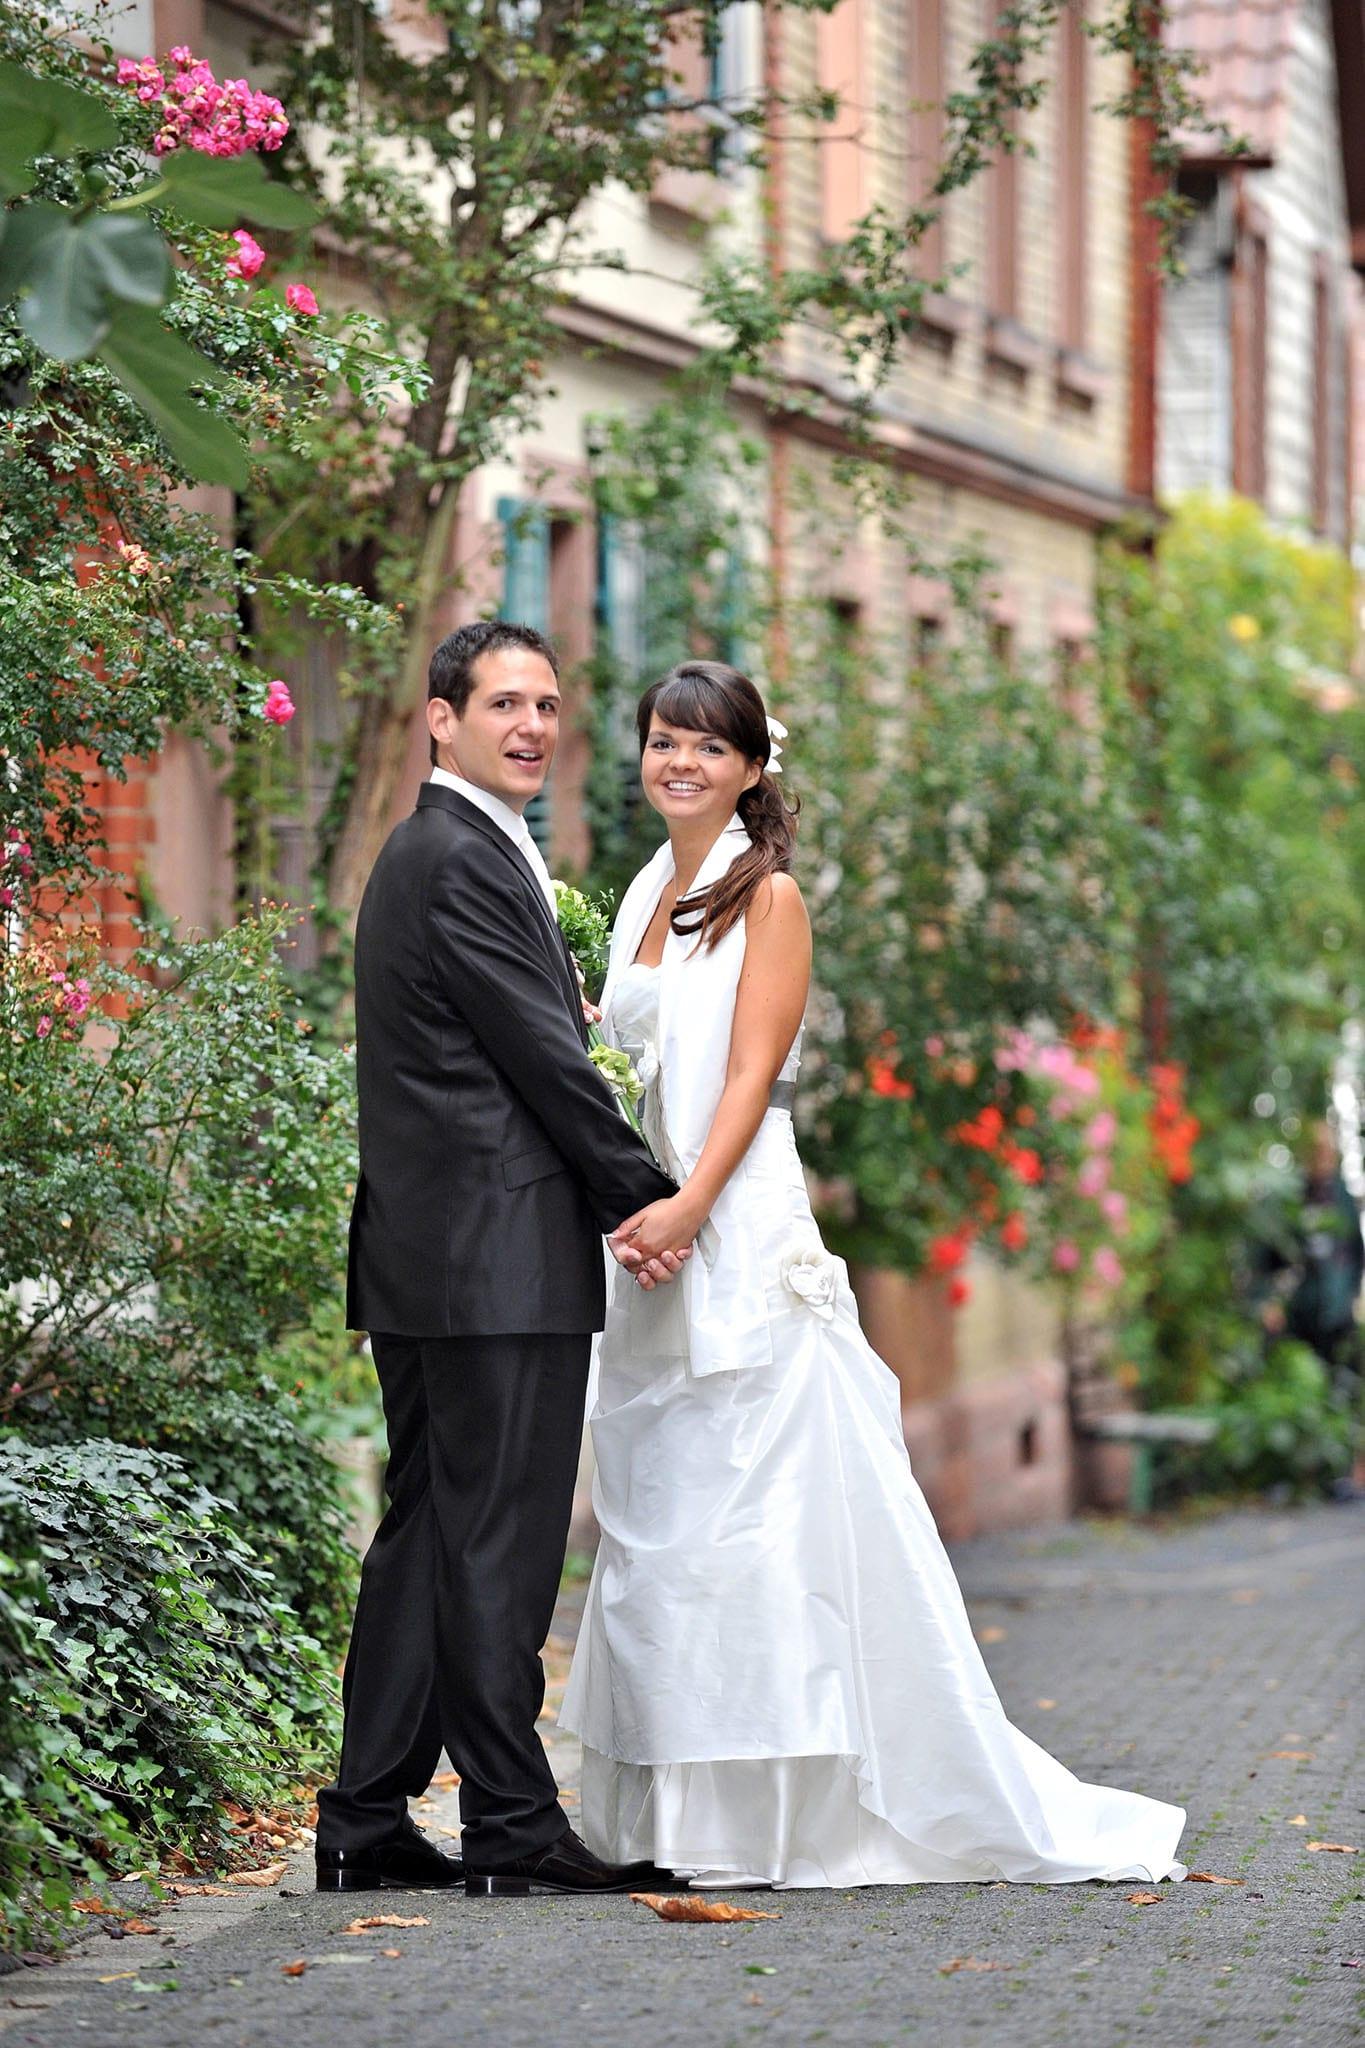 Hochzeit 077 Hochzeit Braut Bräutigam Brautpaar Heppenheim Altstadt Hochzeitsfotografie Daniel Fuss Fotografie